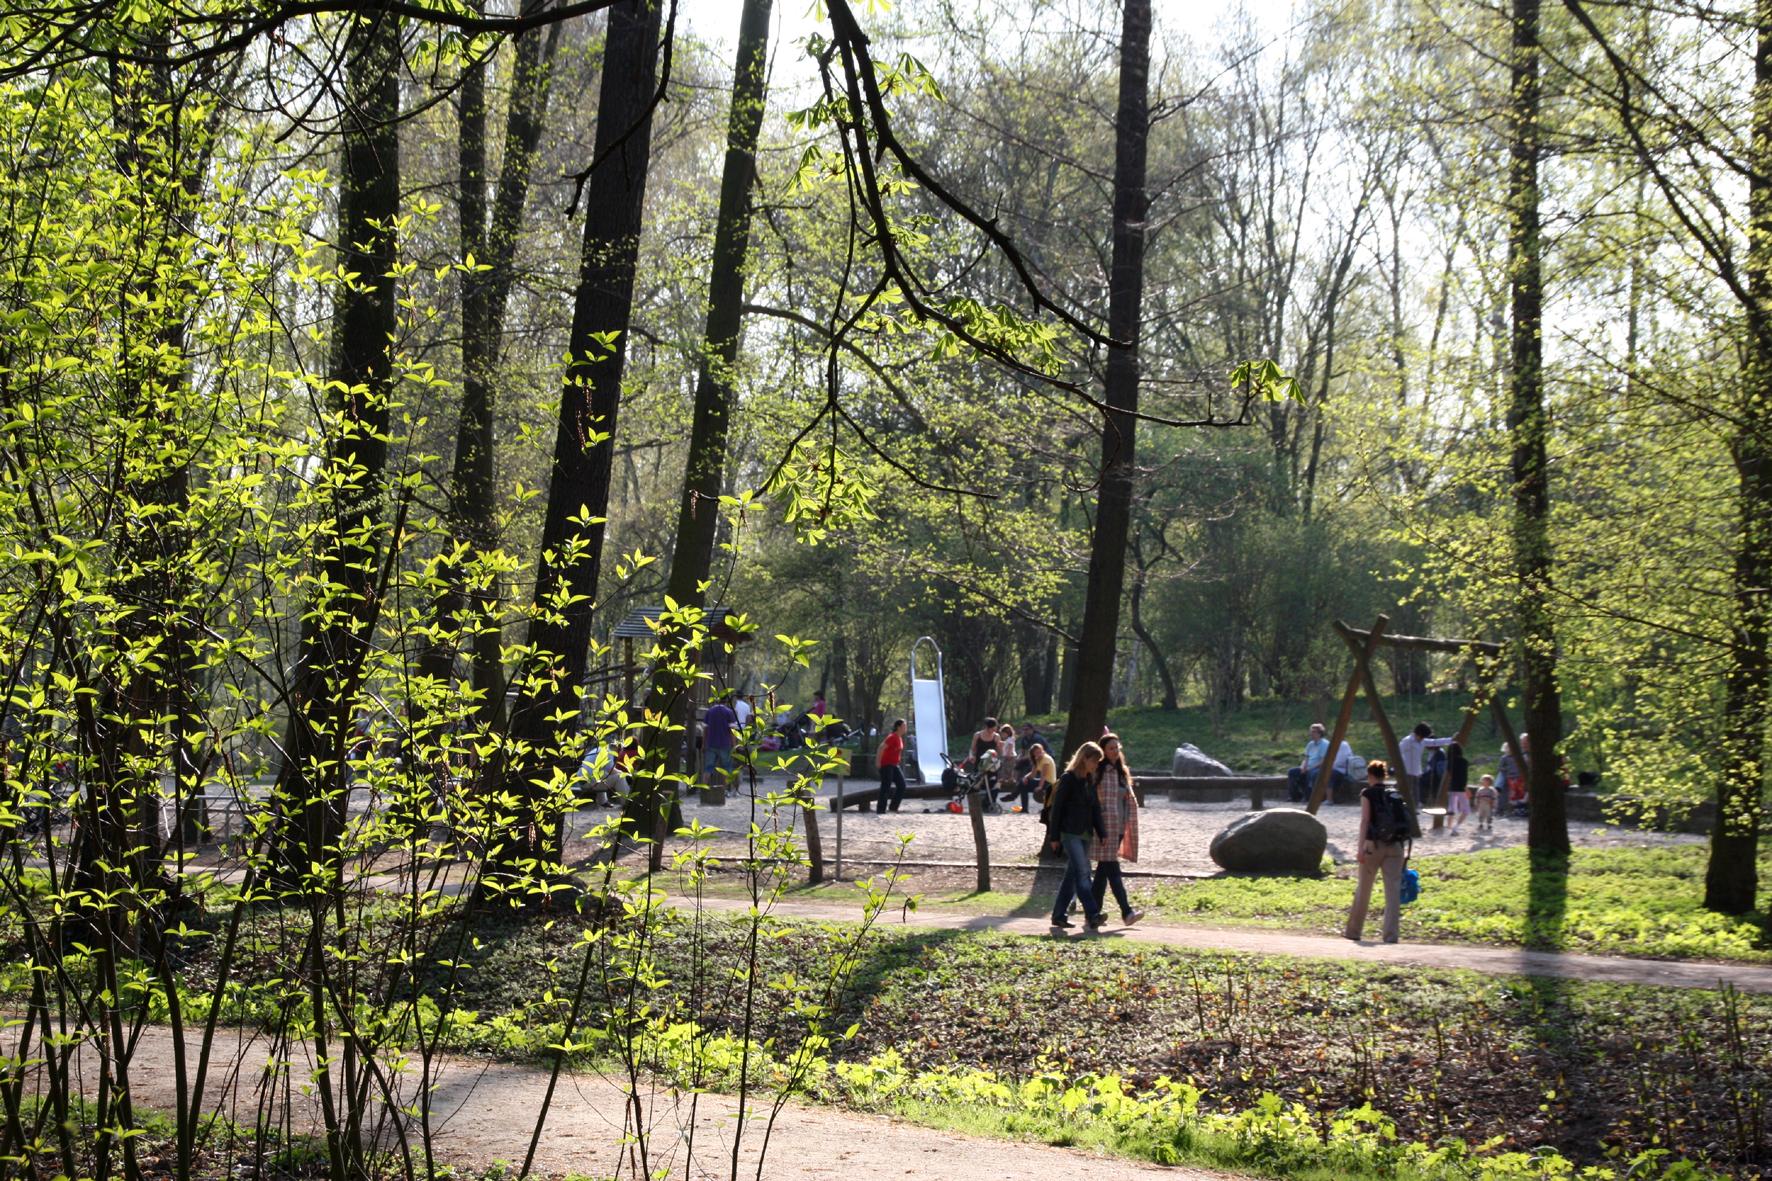 Spielplatz im Schlossgarten Charlottenburg